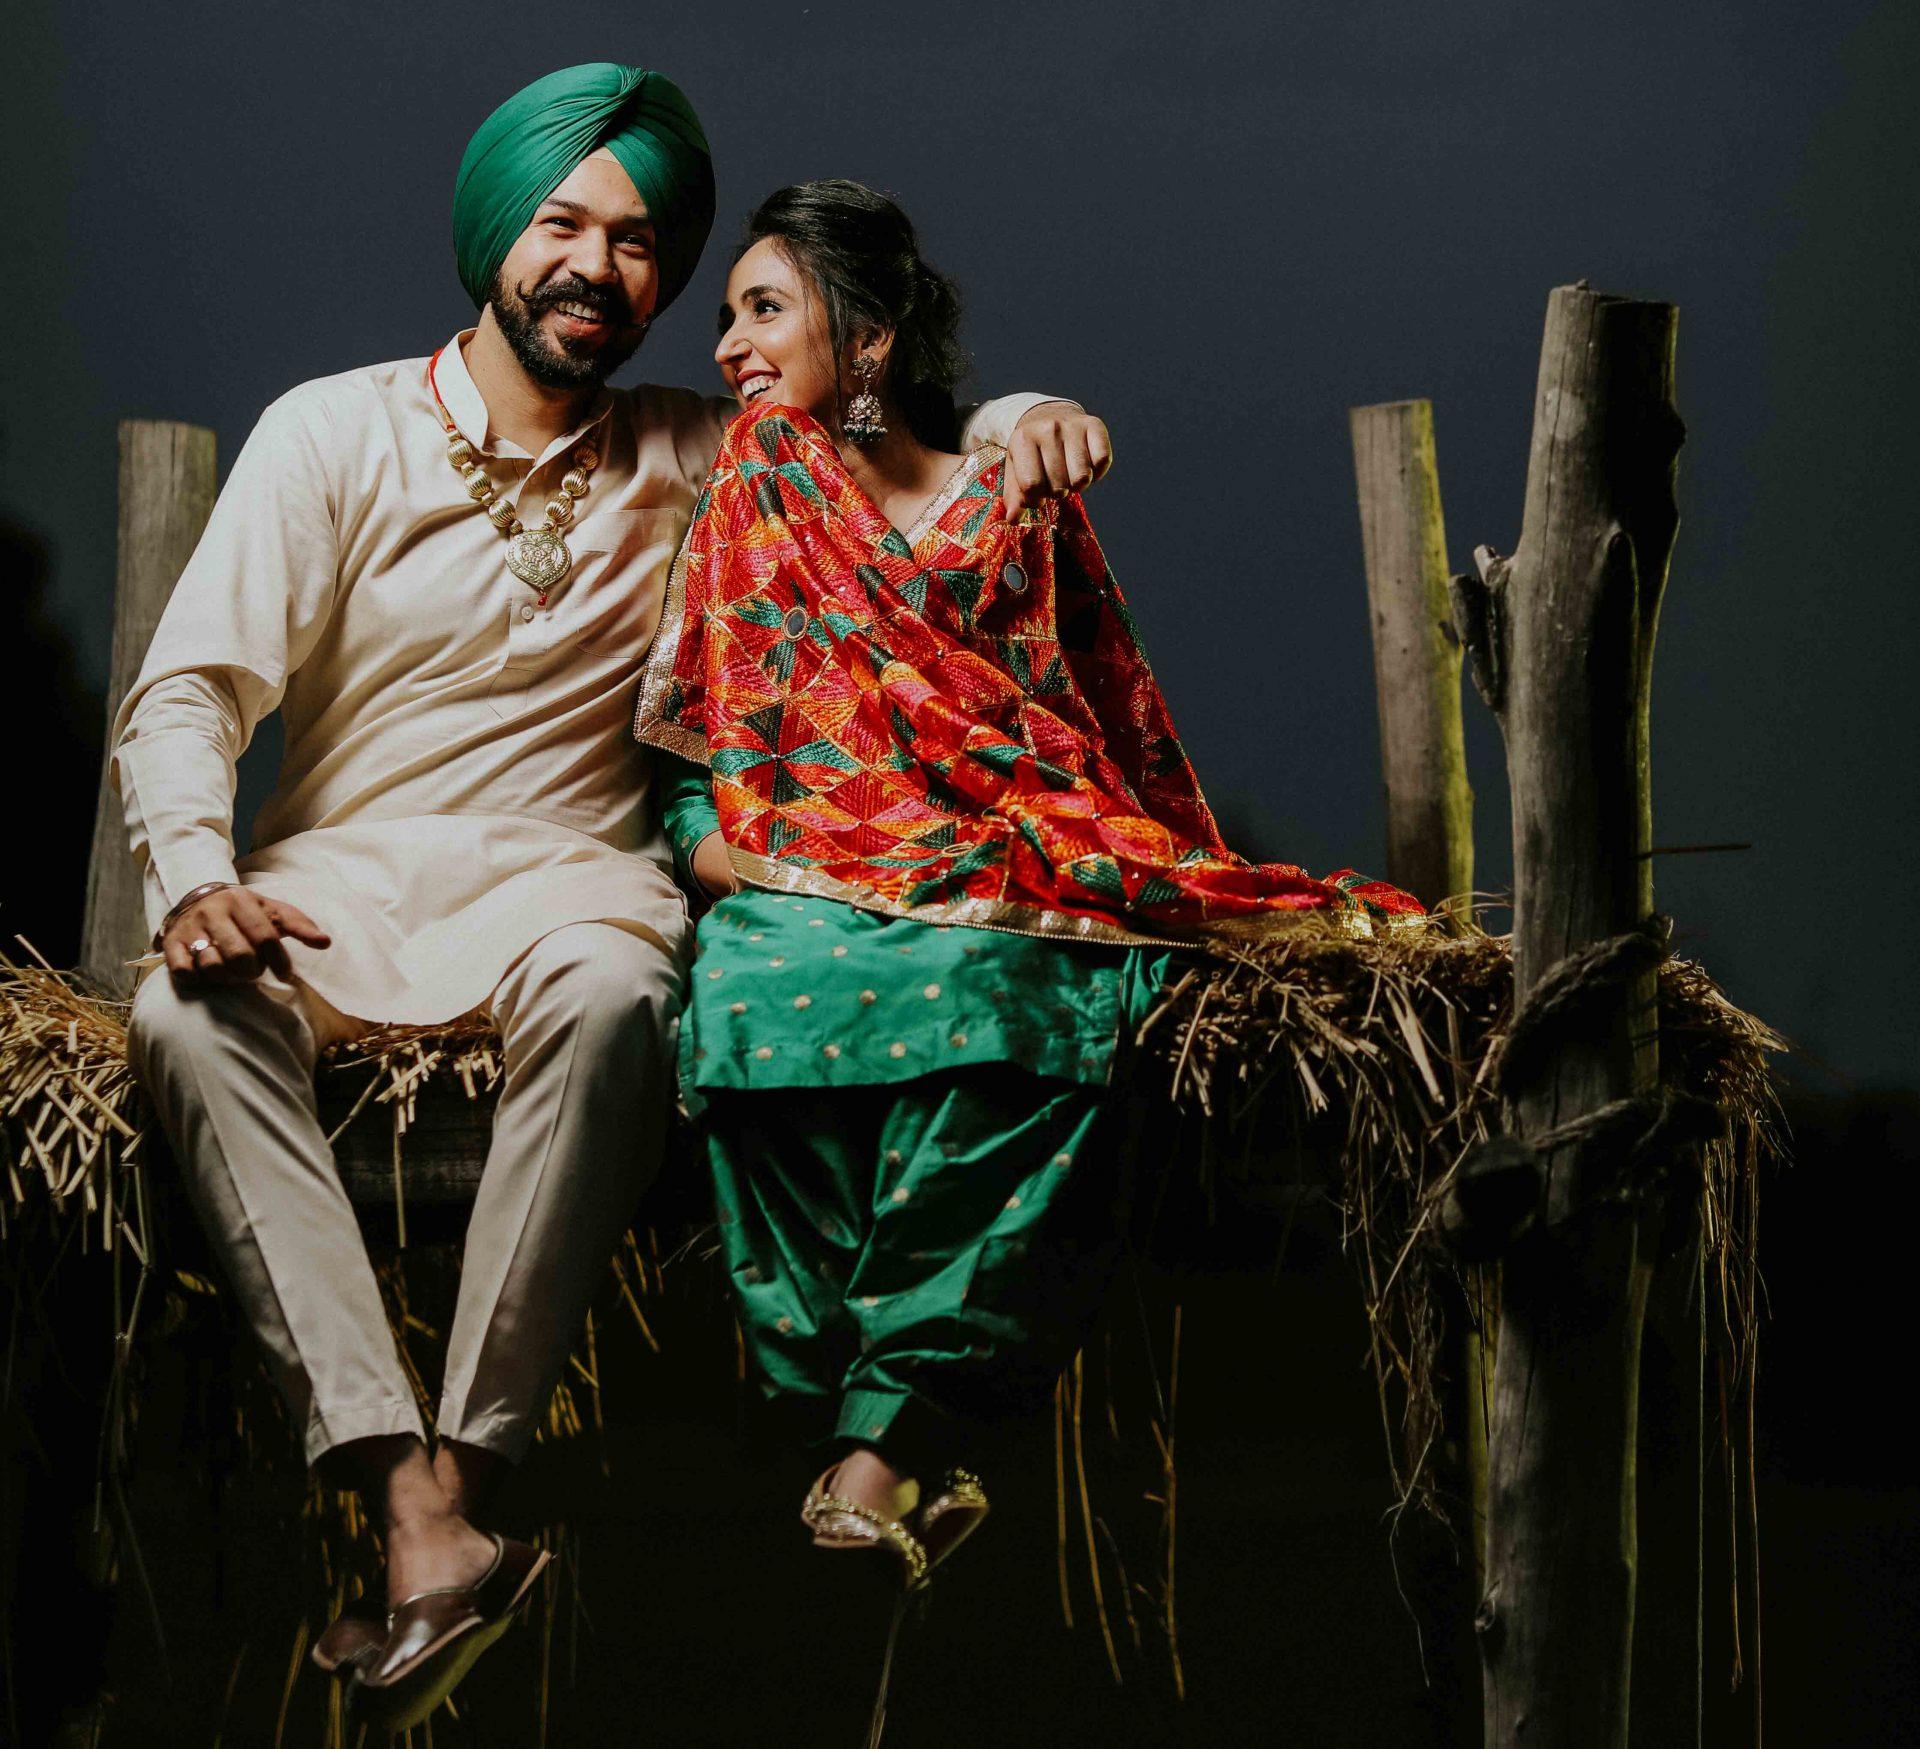 Indian wedding photographers Amritsar